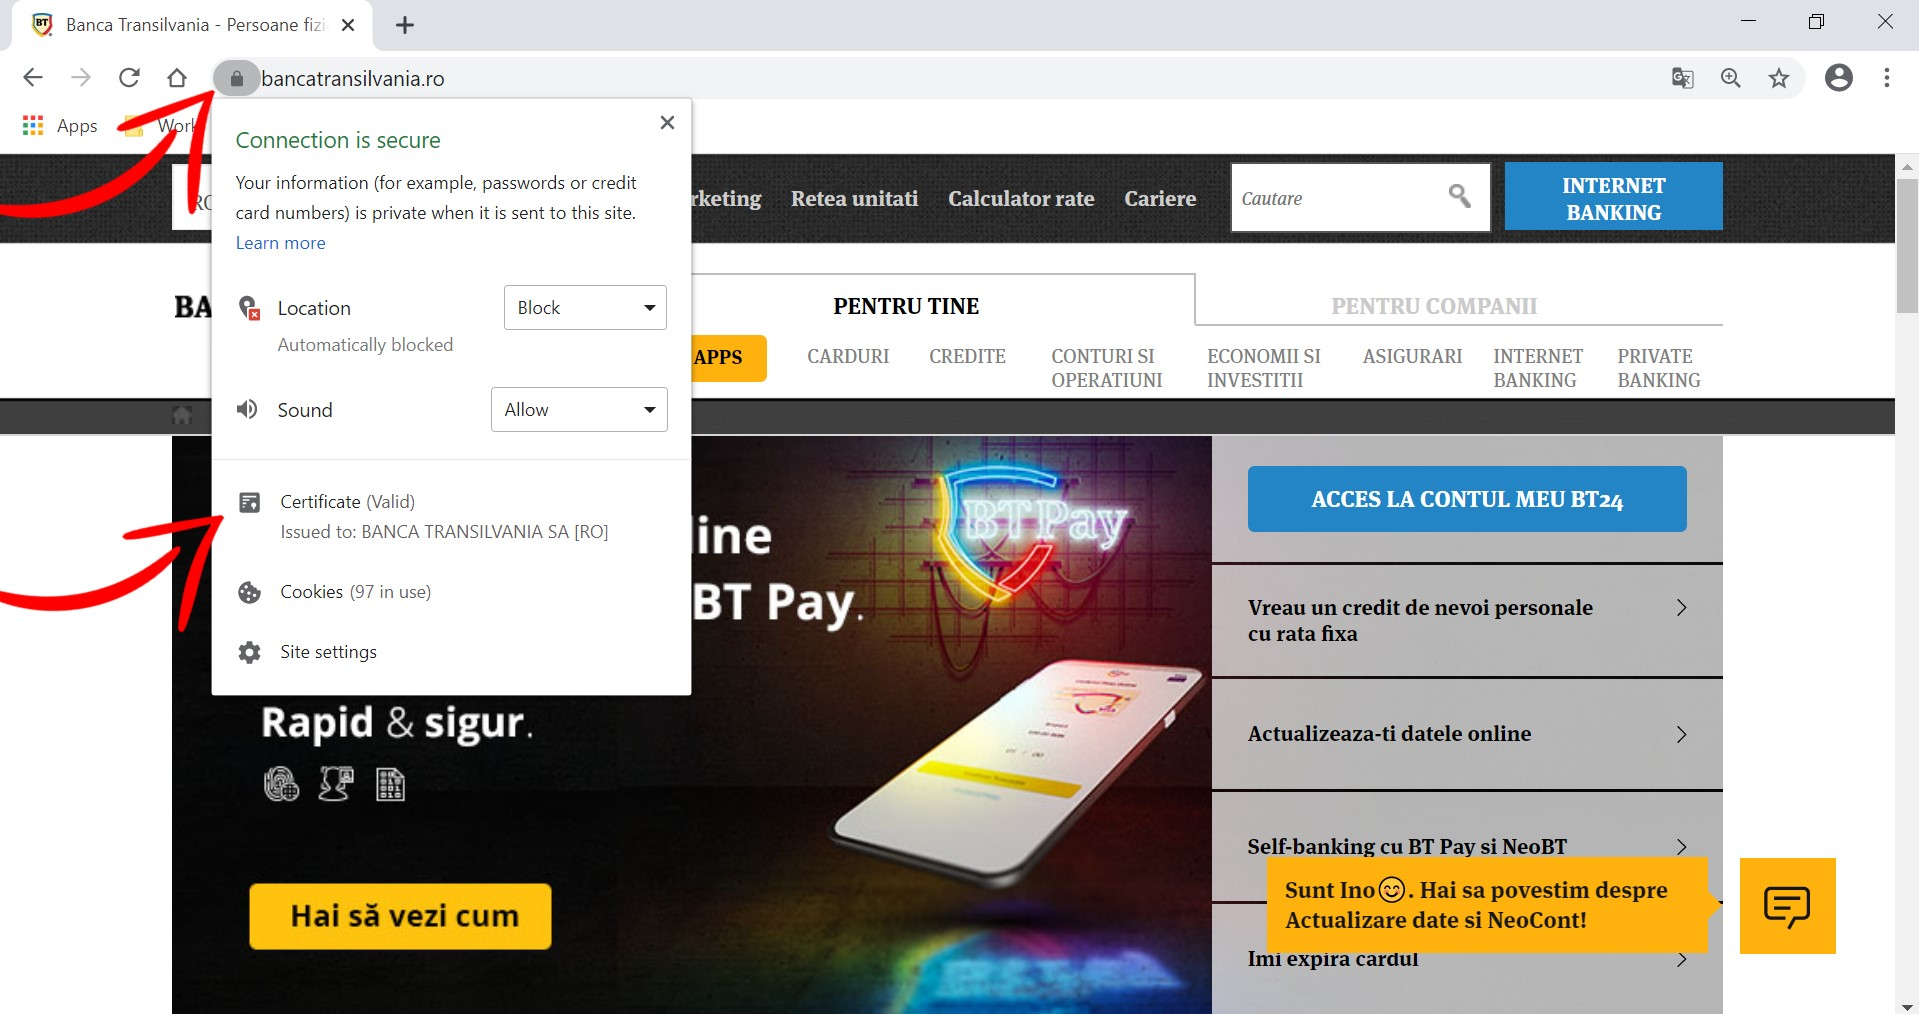 Afisare certificat SSL Banca Transilvania in browser